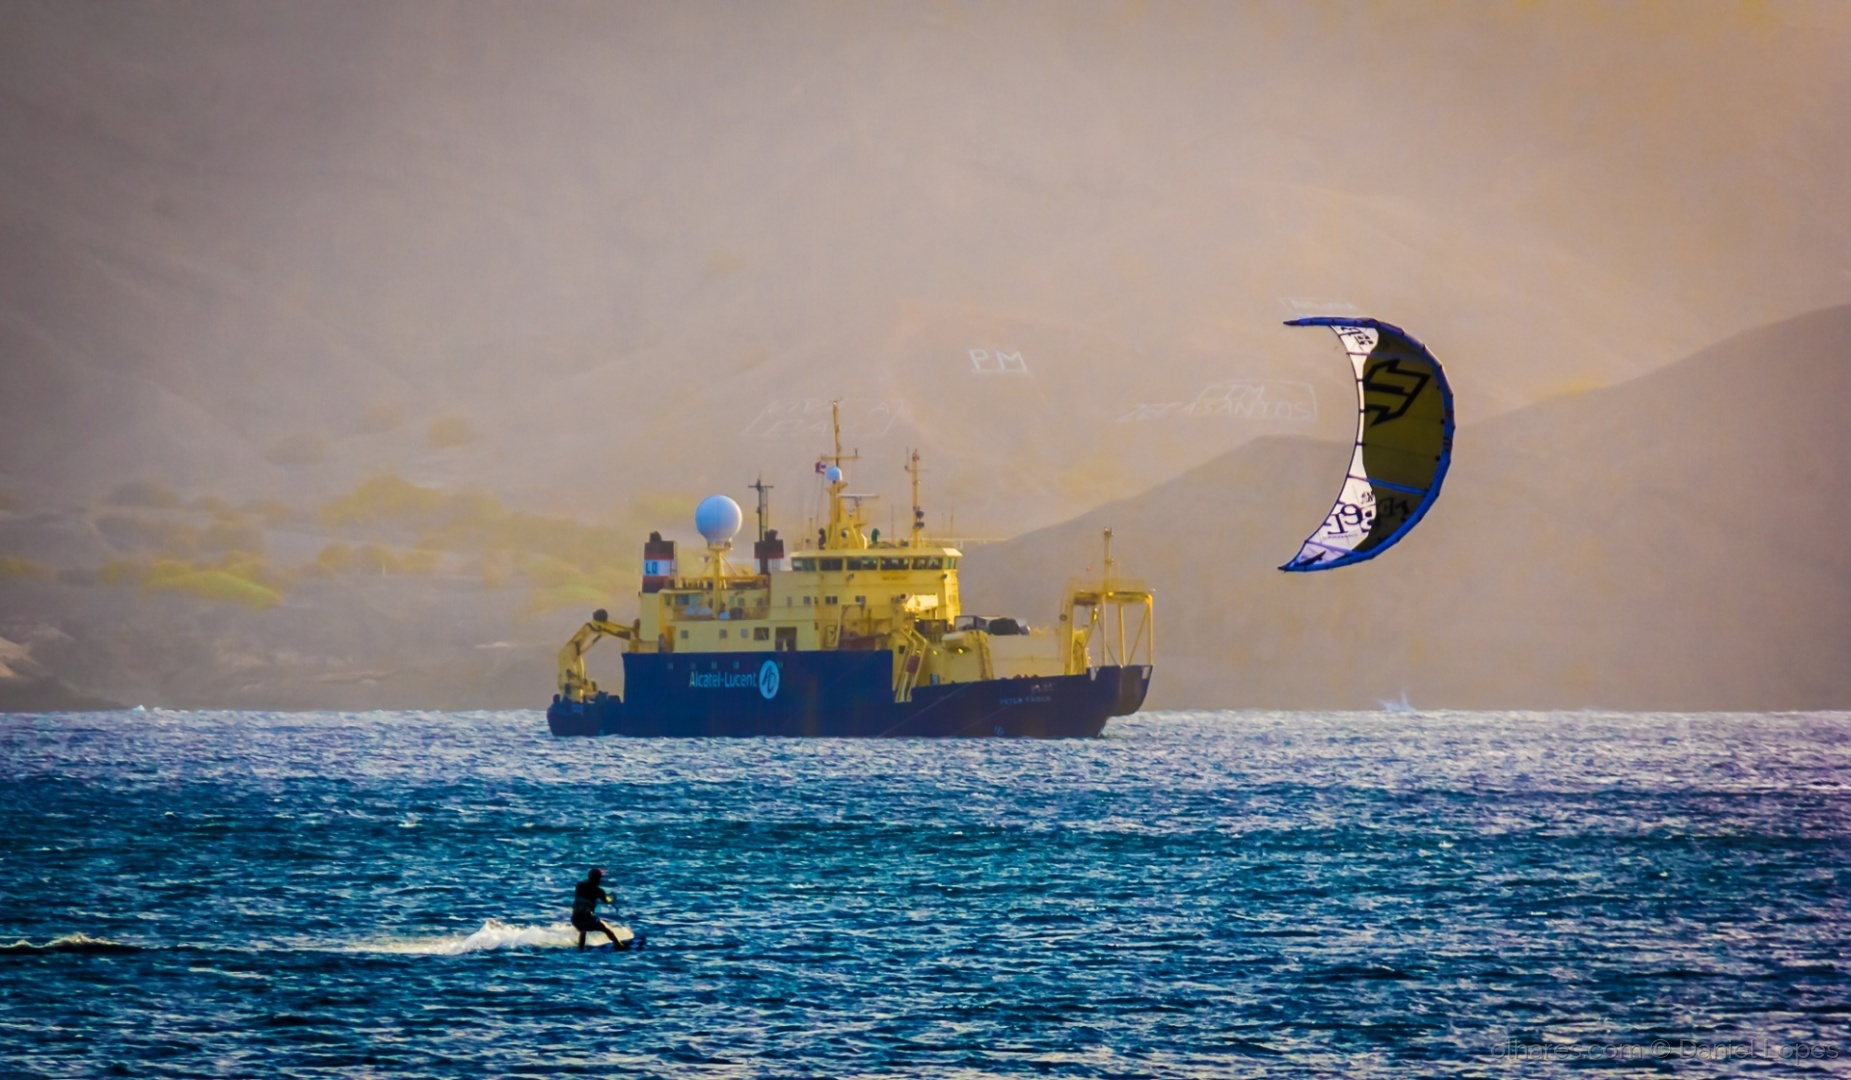 Desporto e Ação/Kitesurfing na Laginha